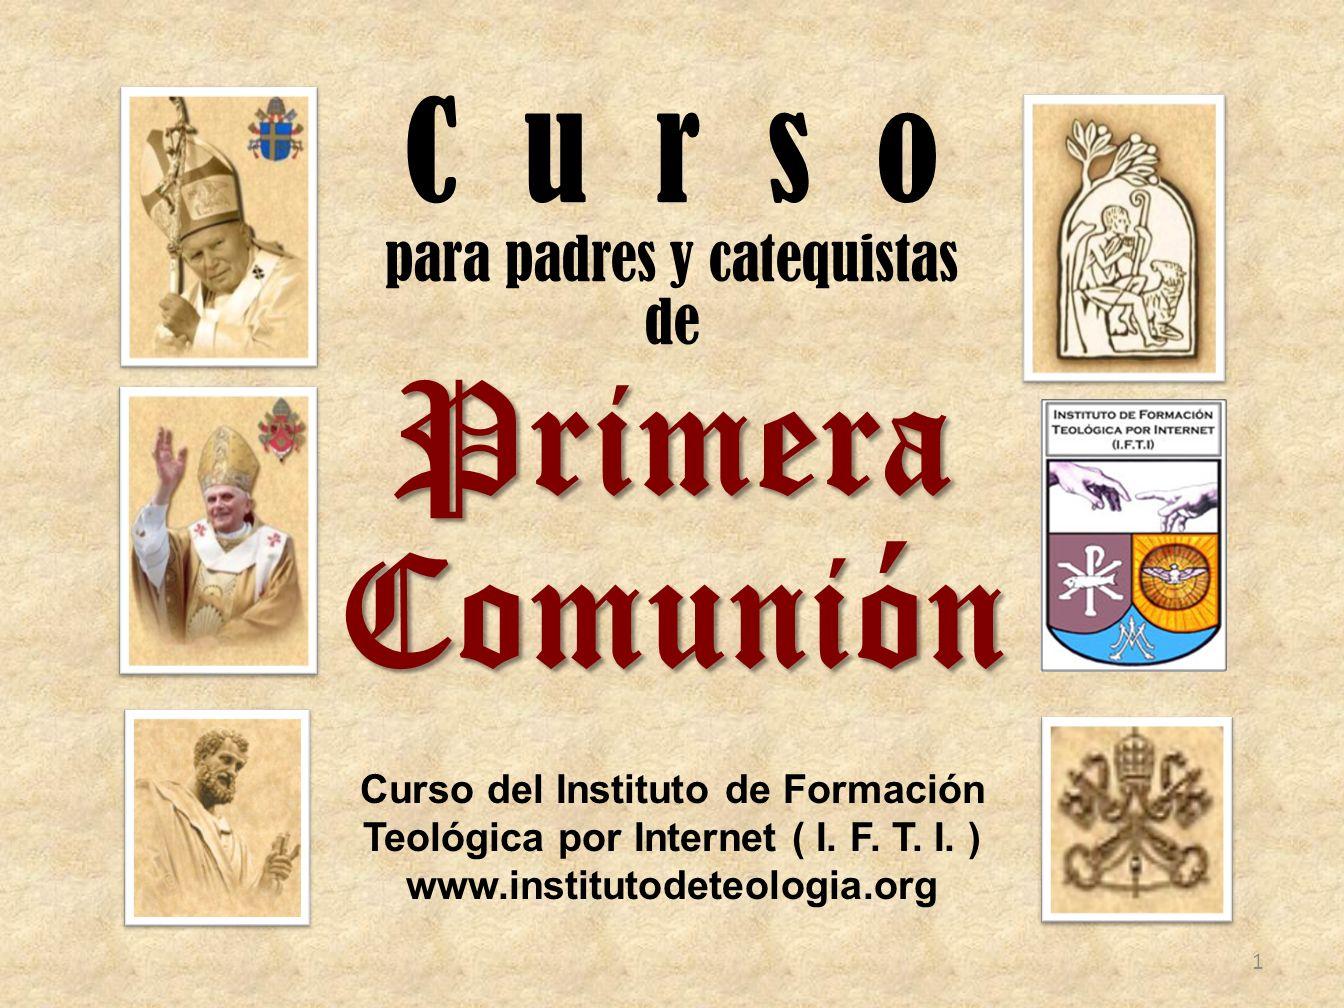 C u r s o para padres y catequistas dePrimeraComunión Curso del Instituto de Formación Teológica por Internet ( I.